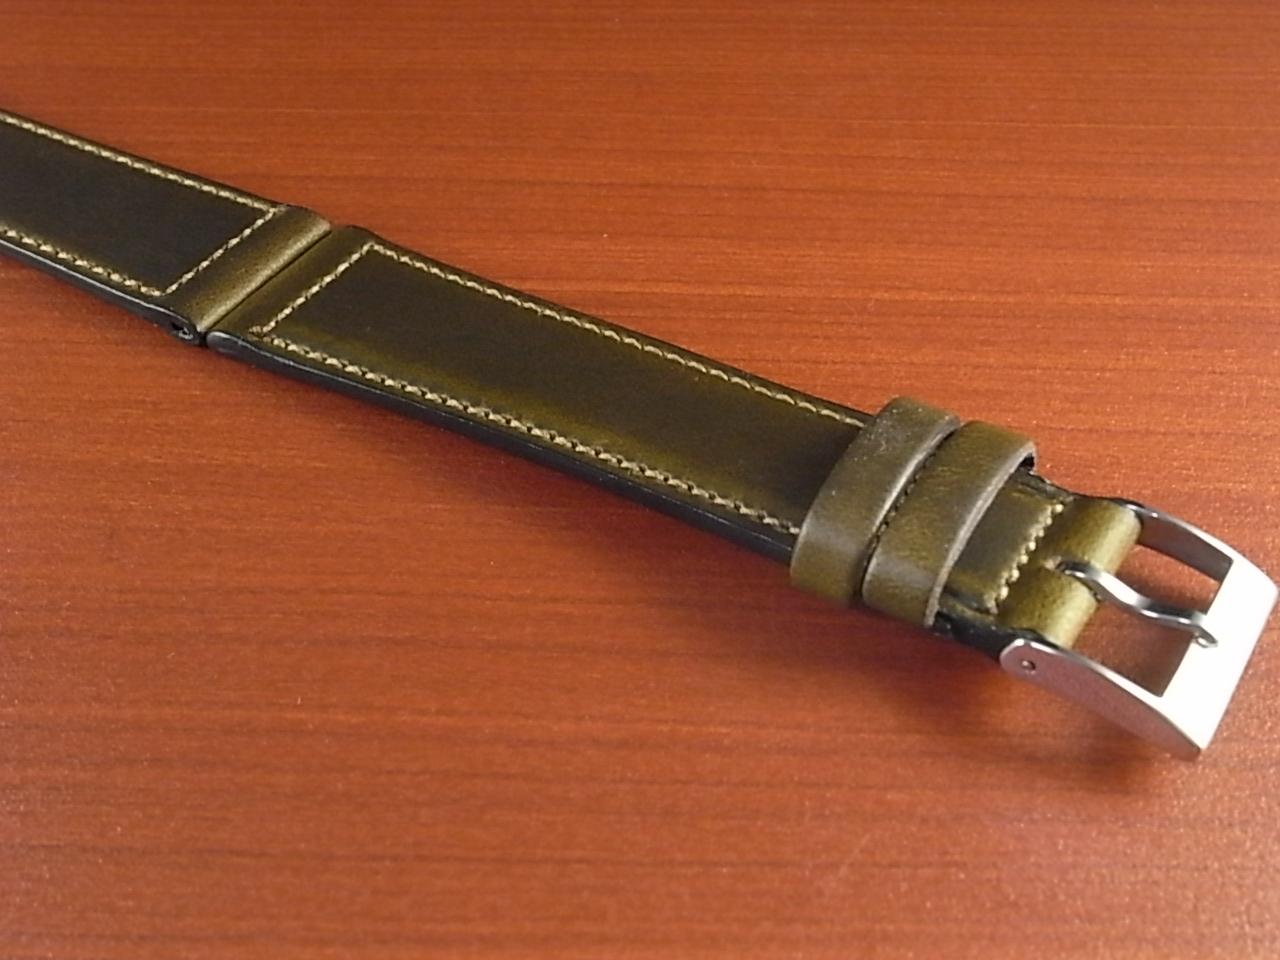 ホーウィン クロムエクセル レギュラー オリーブ 16、17、18、19、20mmの写真6枚目